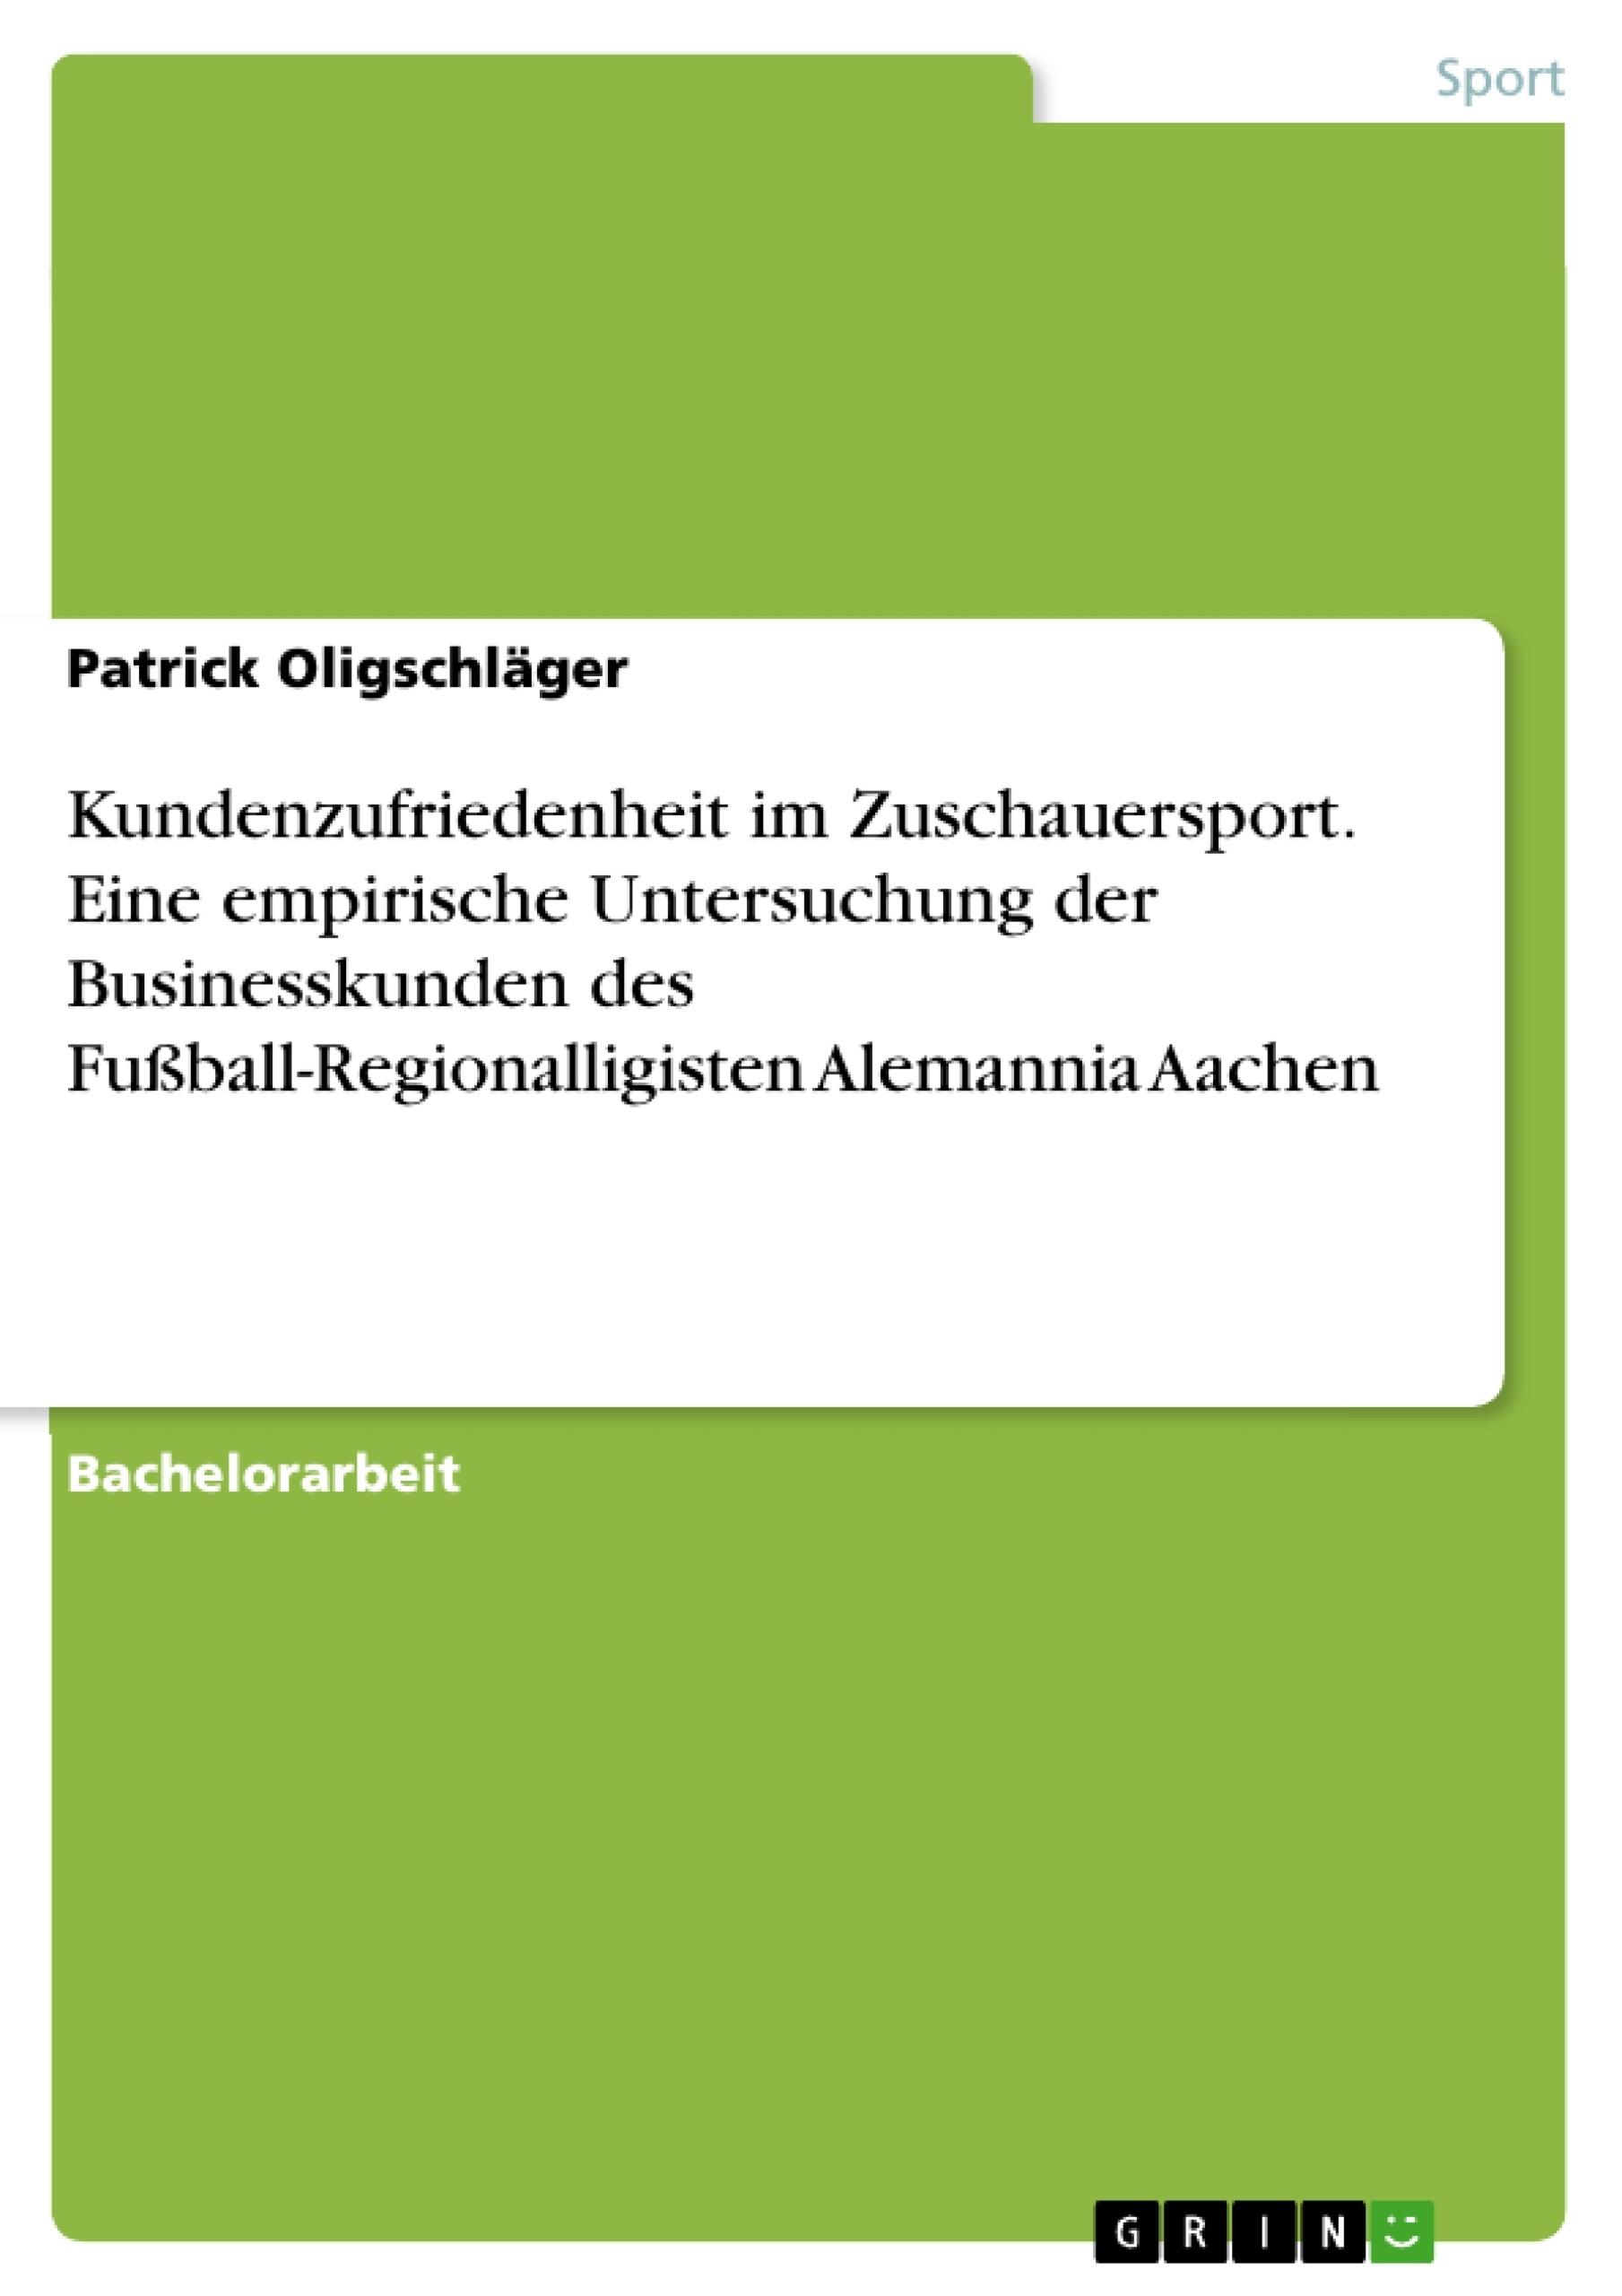 Titel: Kundenzufriedenheit im Zuschauersport. Eine empirische Untersuchung der Businesskunden des Fußball-Regionalligisten Alemannia Aachen